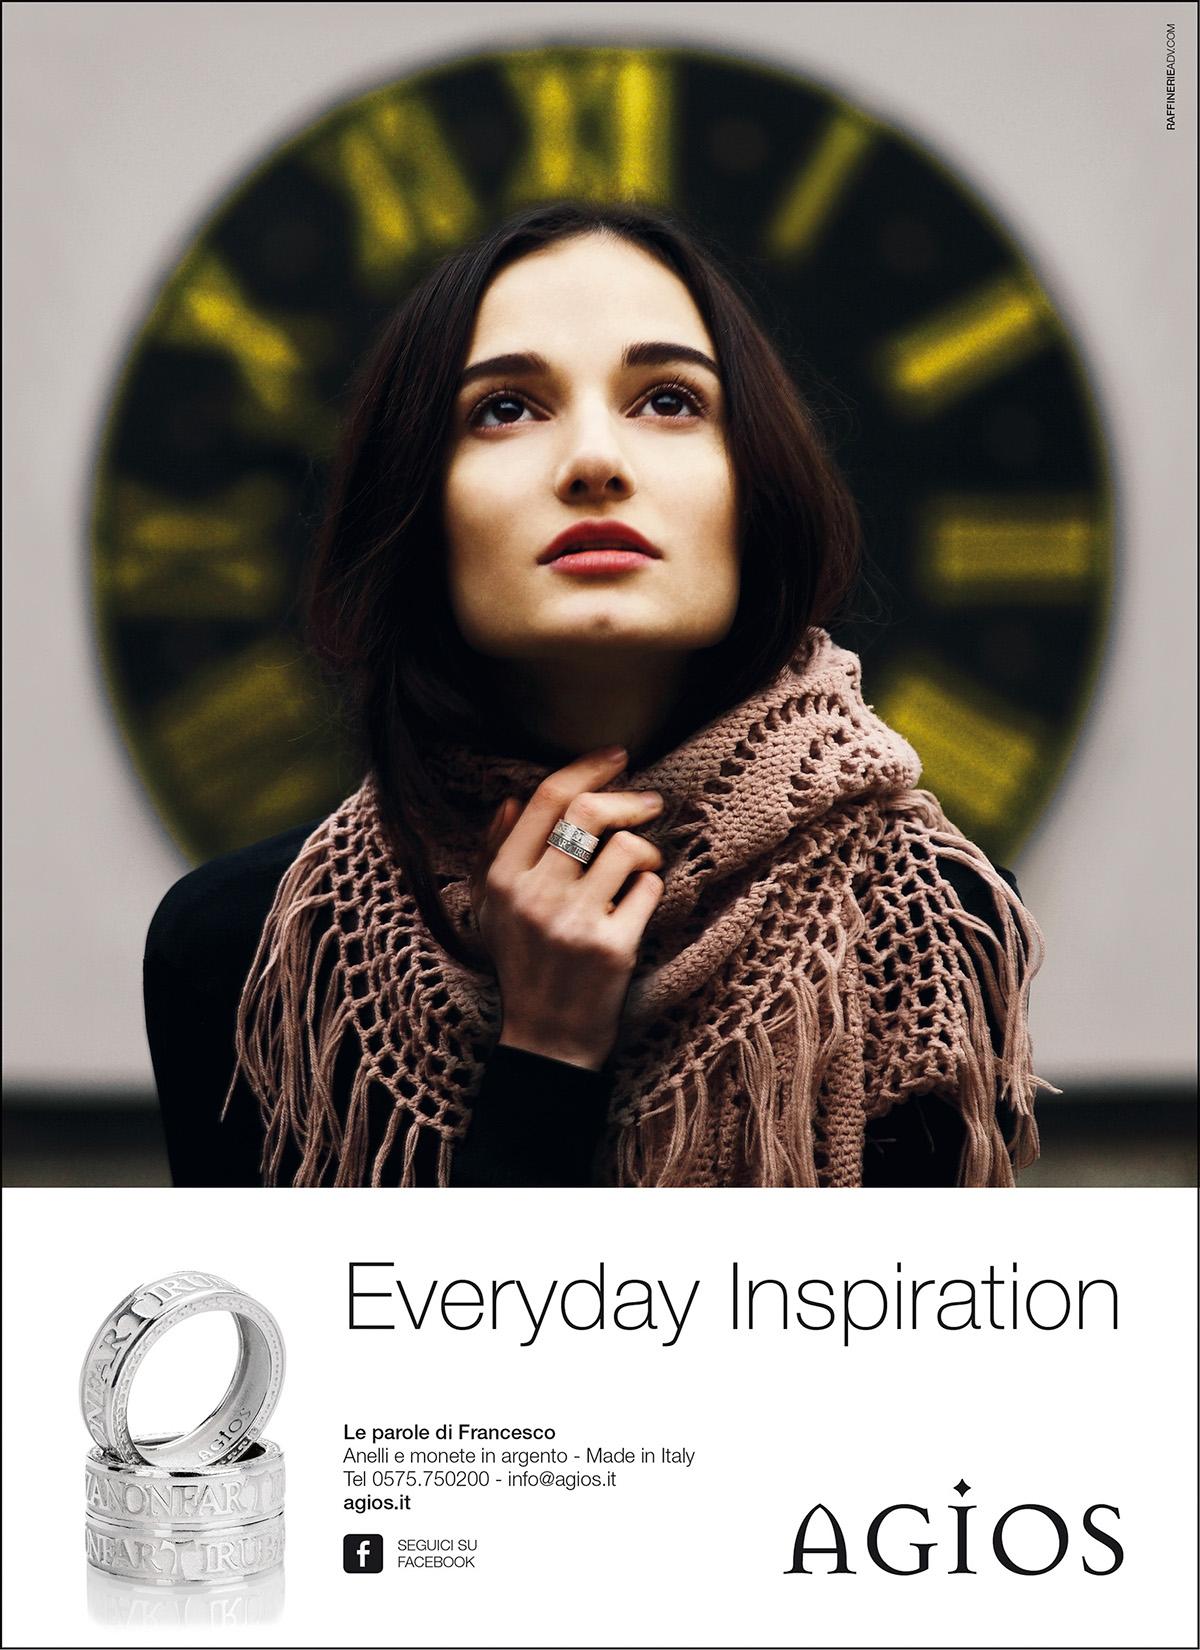 raffinerie Agios inspirational jewelry